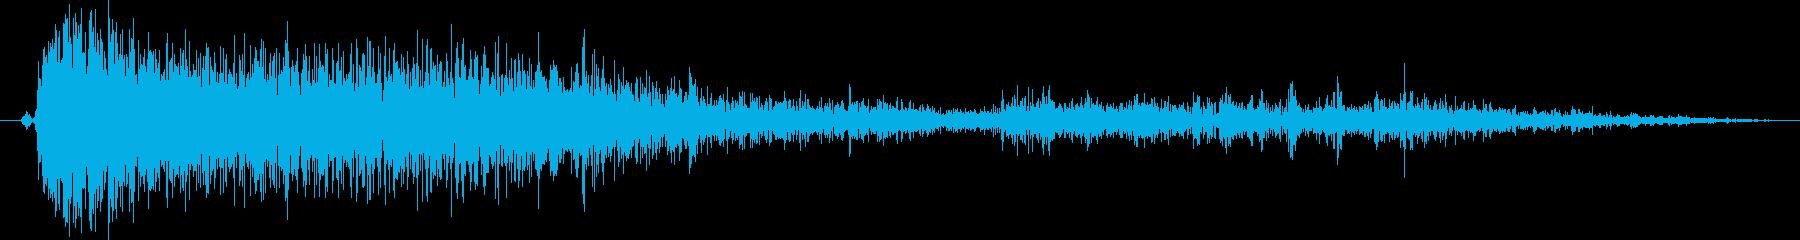 【銃声音011】ライフルの発砲音03の再生済みの波形